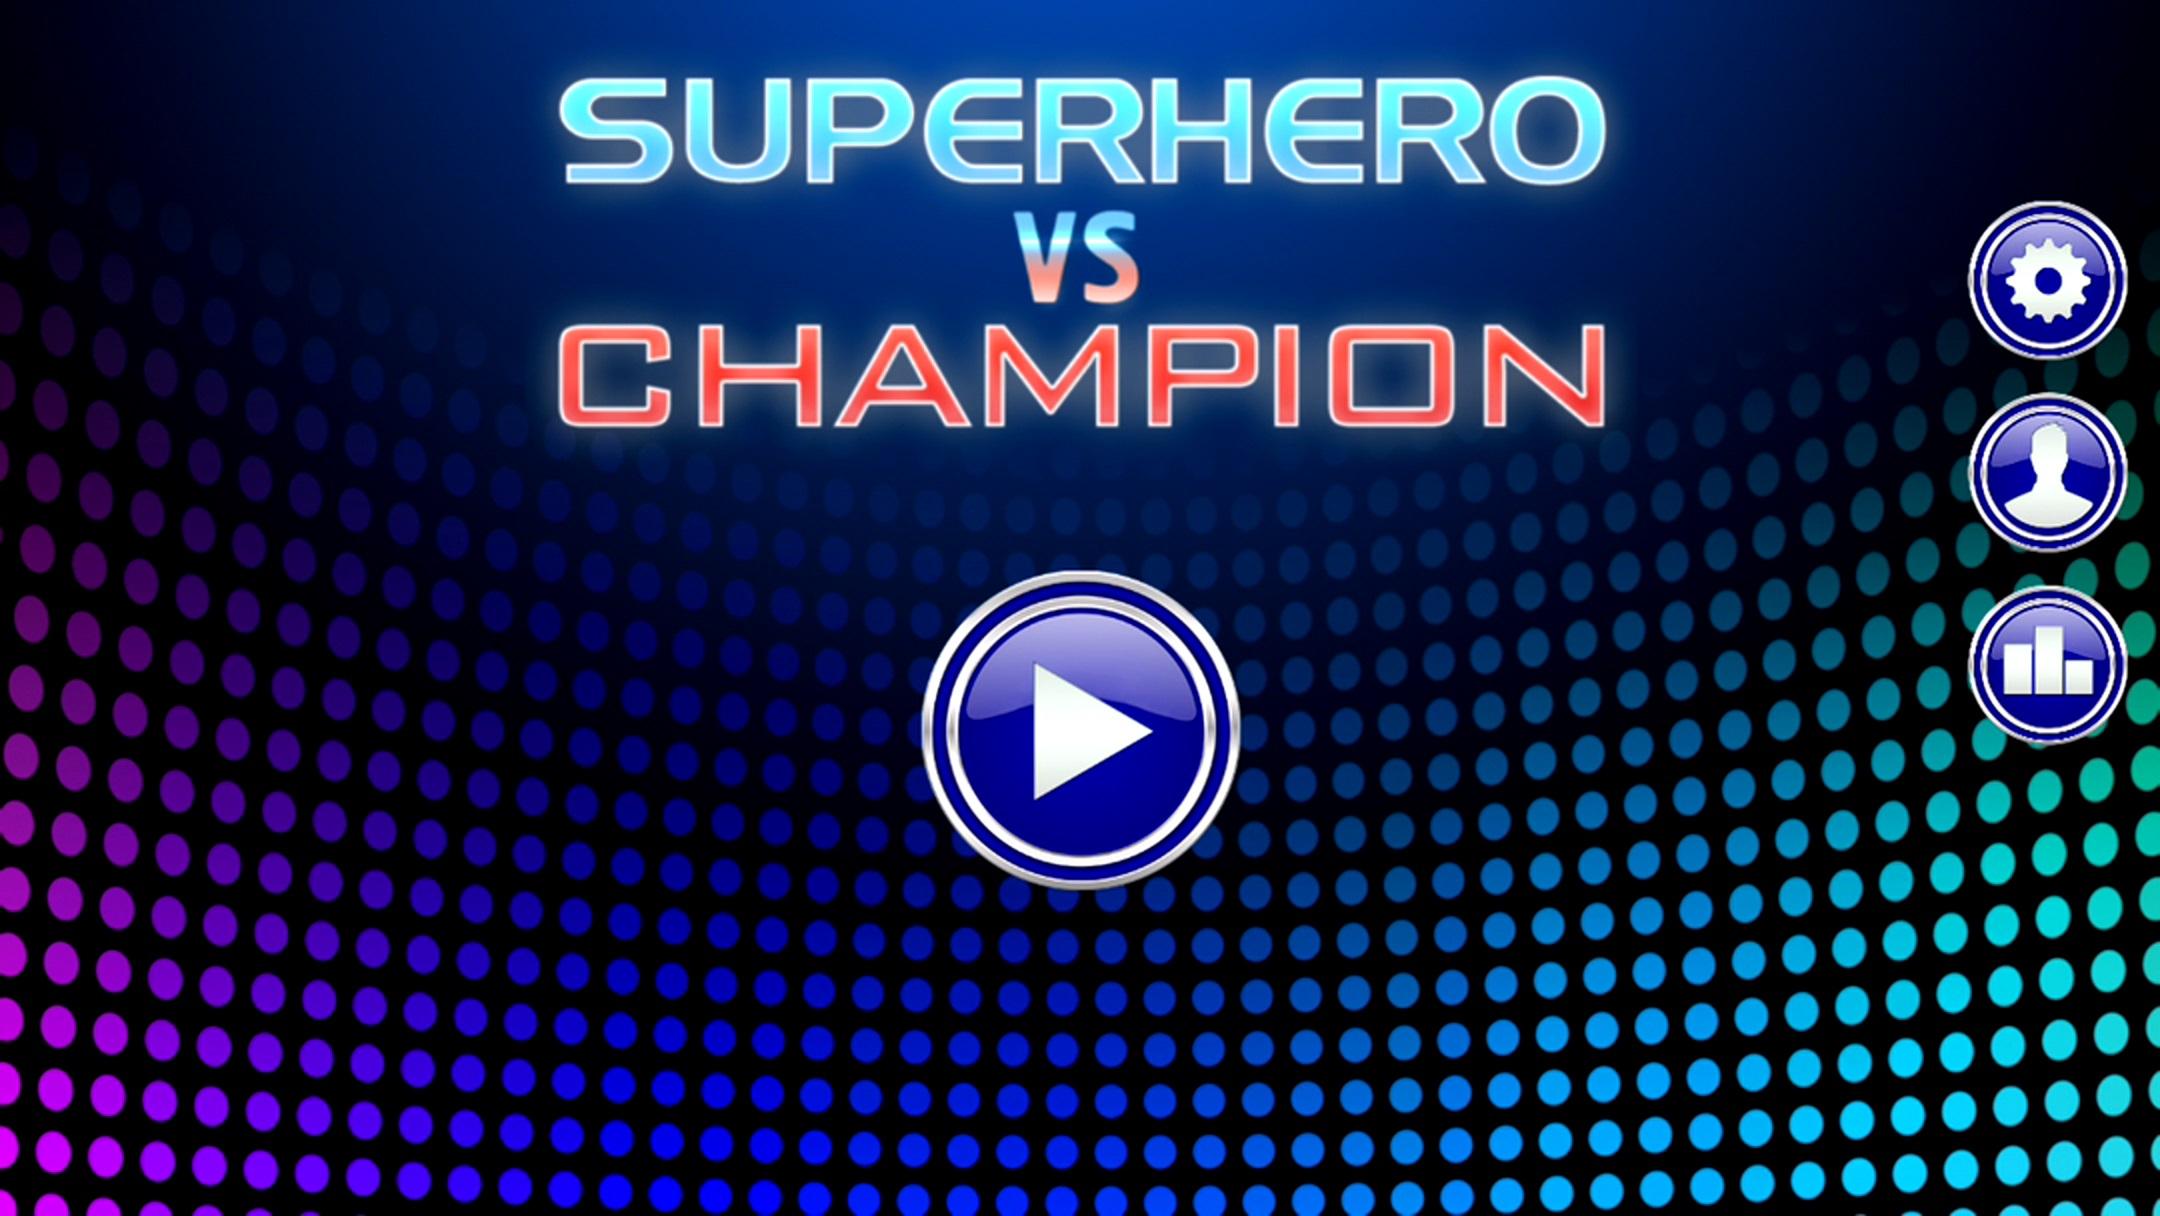 androidアプリ スーパーヒーロー 対チャンピオン攻略スクリーンショット1